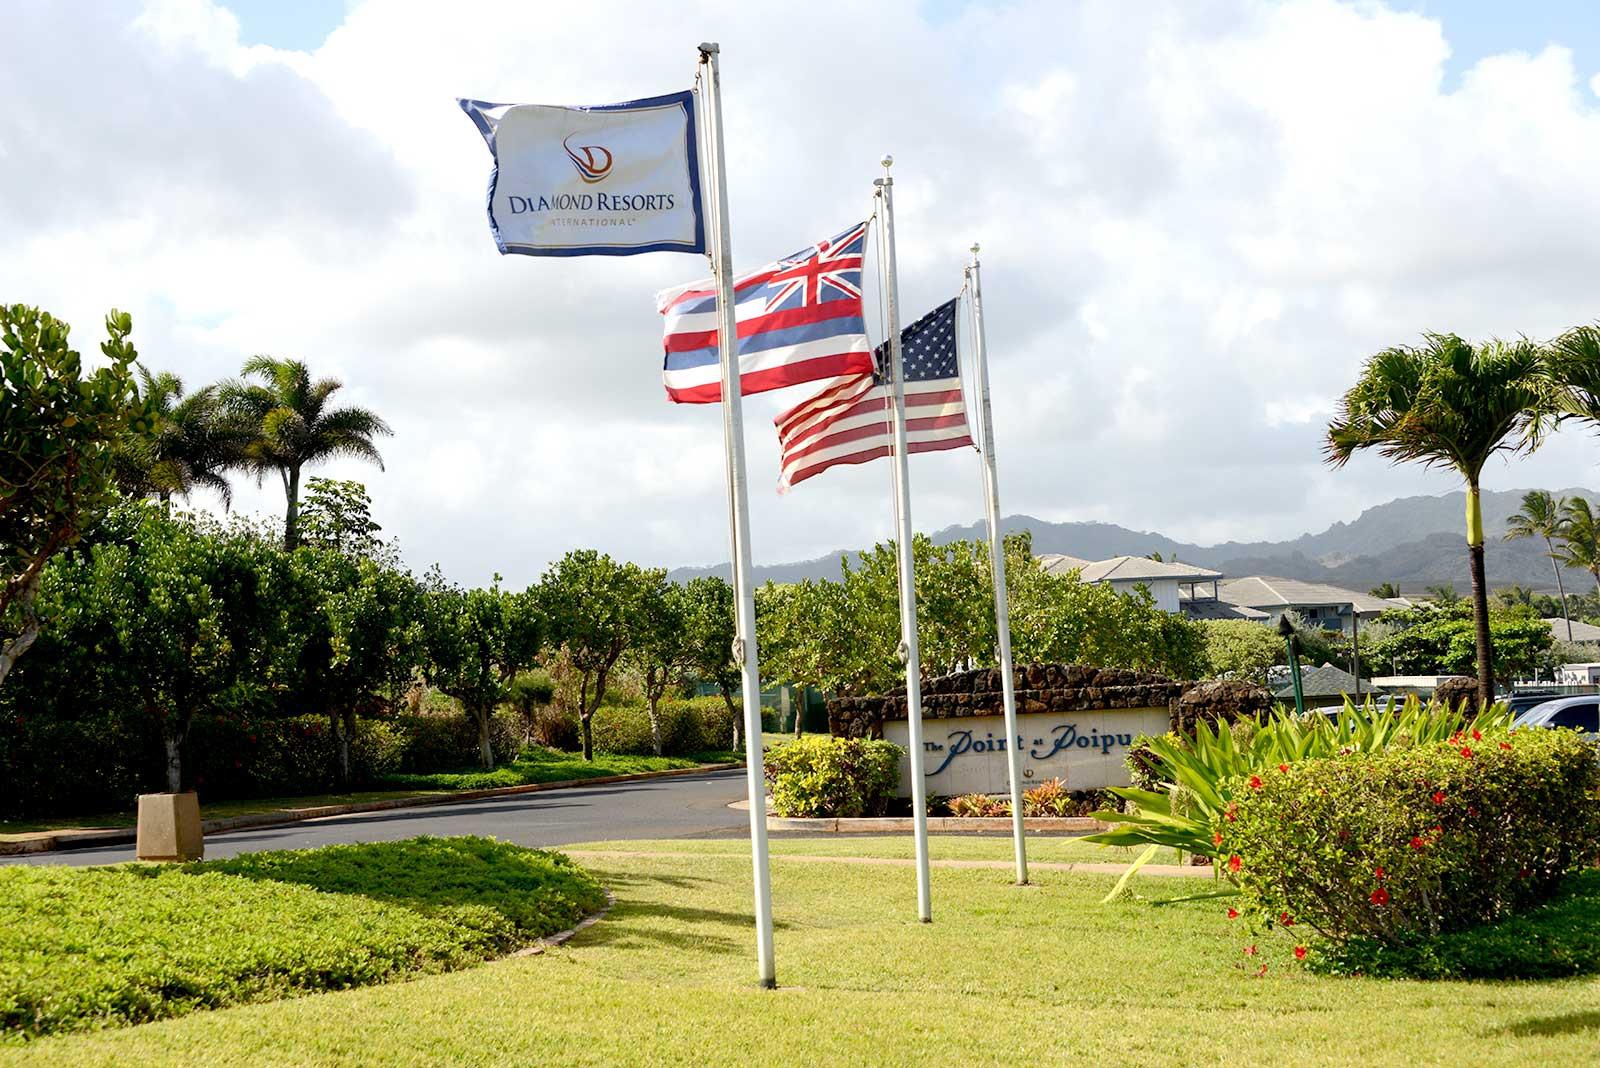 Diamond Resorts - The Point at Poipu, Kauai timeshare resales